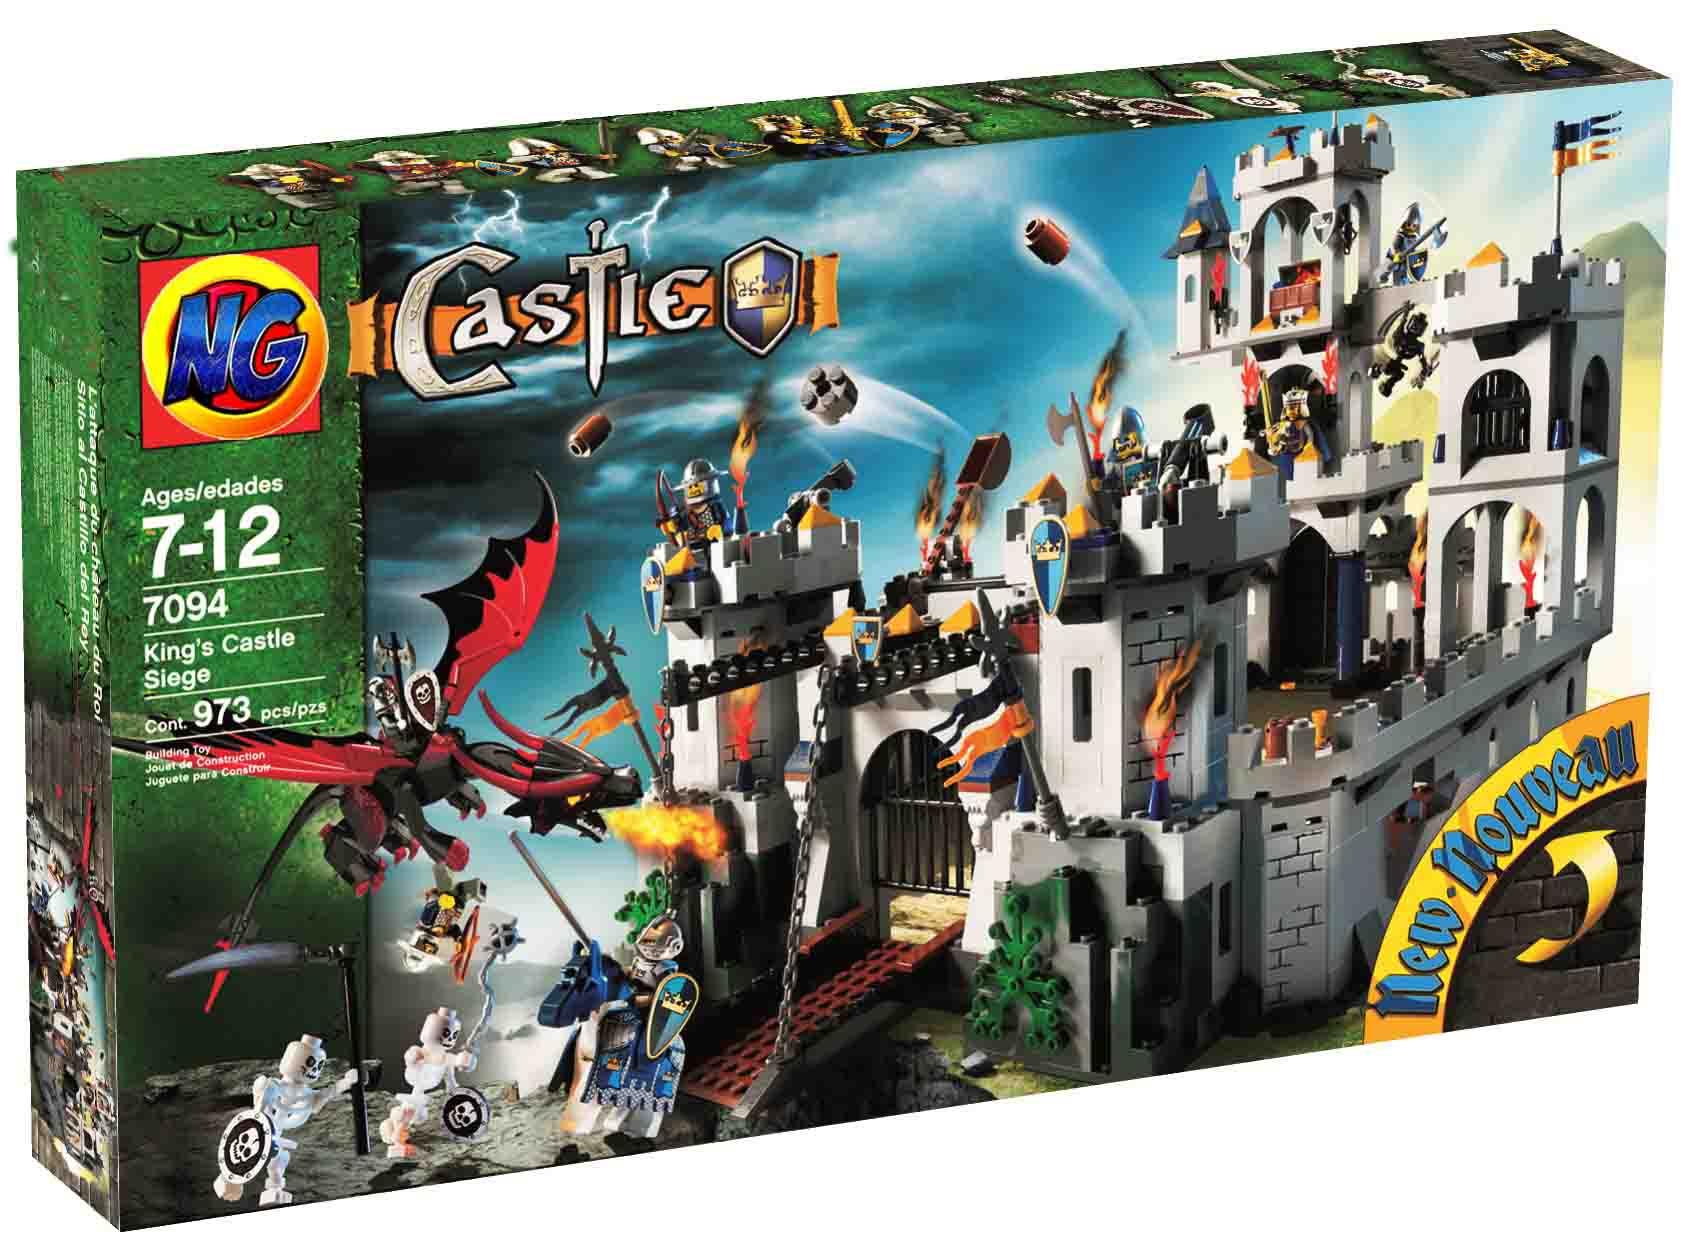 เลโก้จีน LEPIN 16017 ชุด Lego King's Castle Siege [ LEGO Castle ]